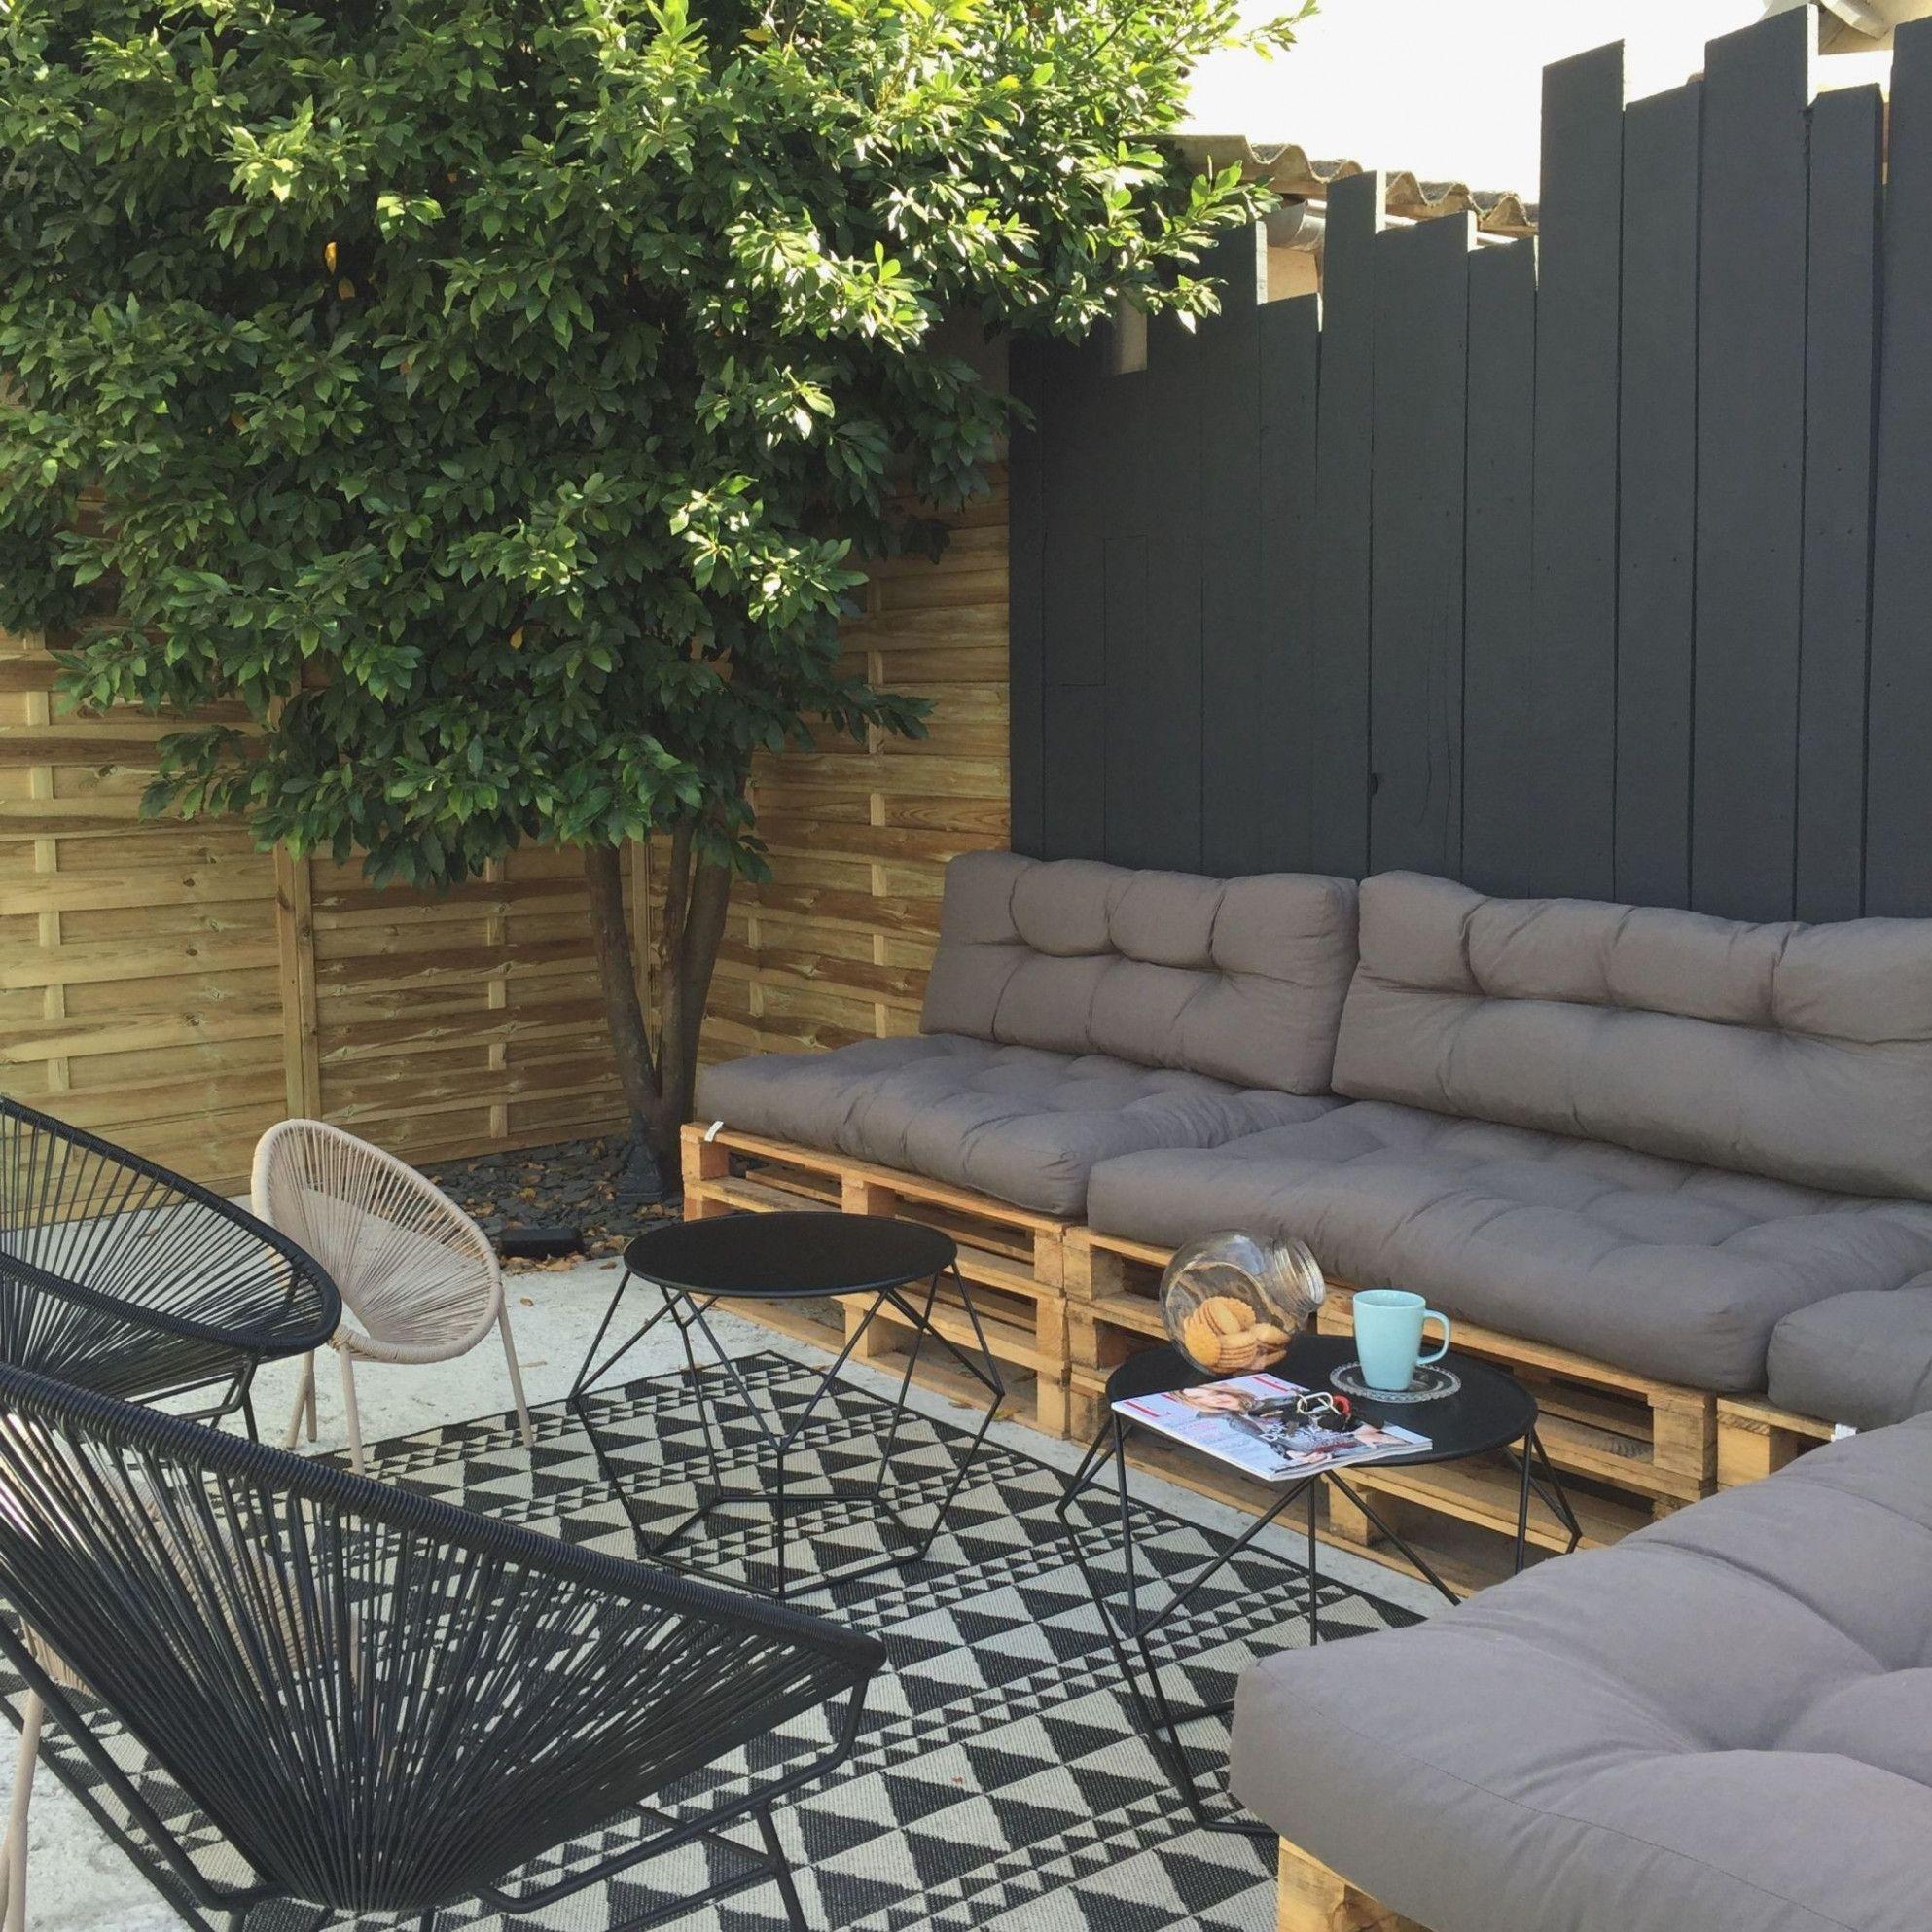 Ikea Table De Jardin Pliante Les Meubles Modulables Pour Petit Espace Ont Desormais Un Look Aussi Pointu Que Les Autres Alors Sans V Home Decor Home Home Diy